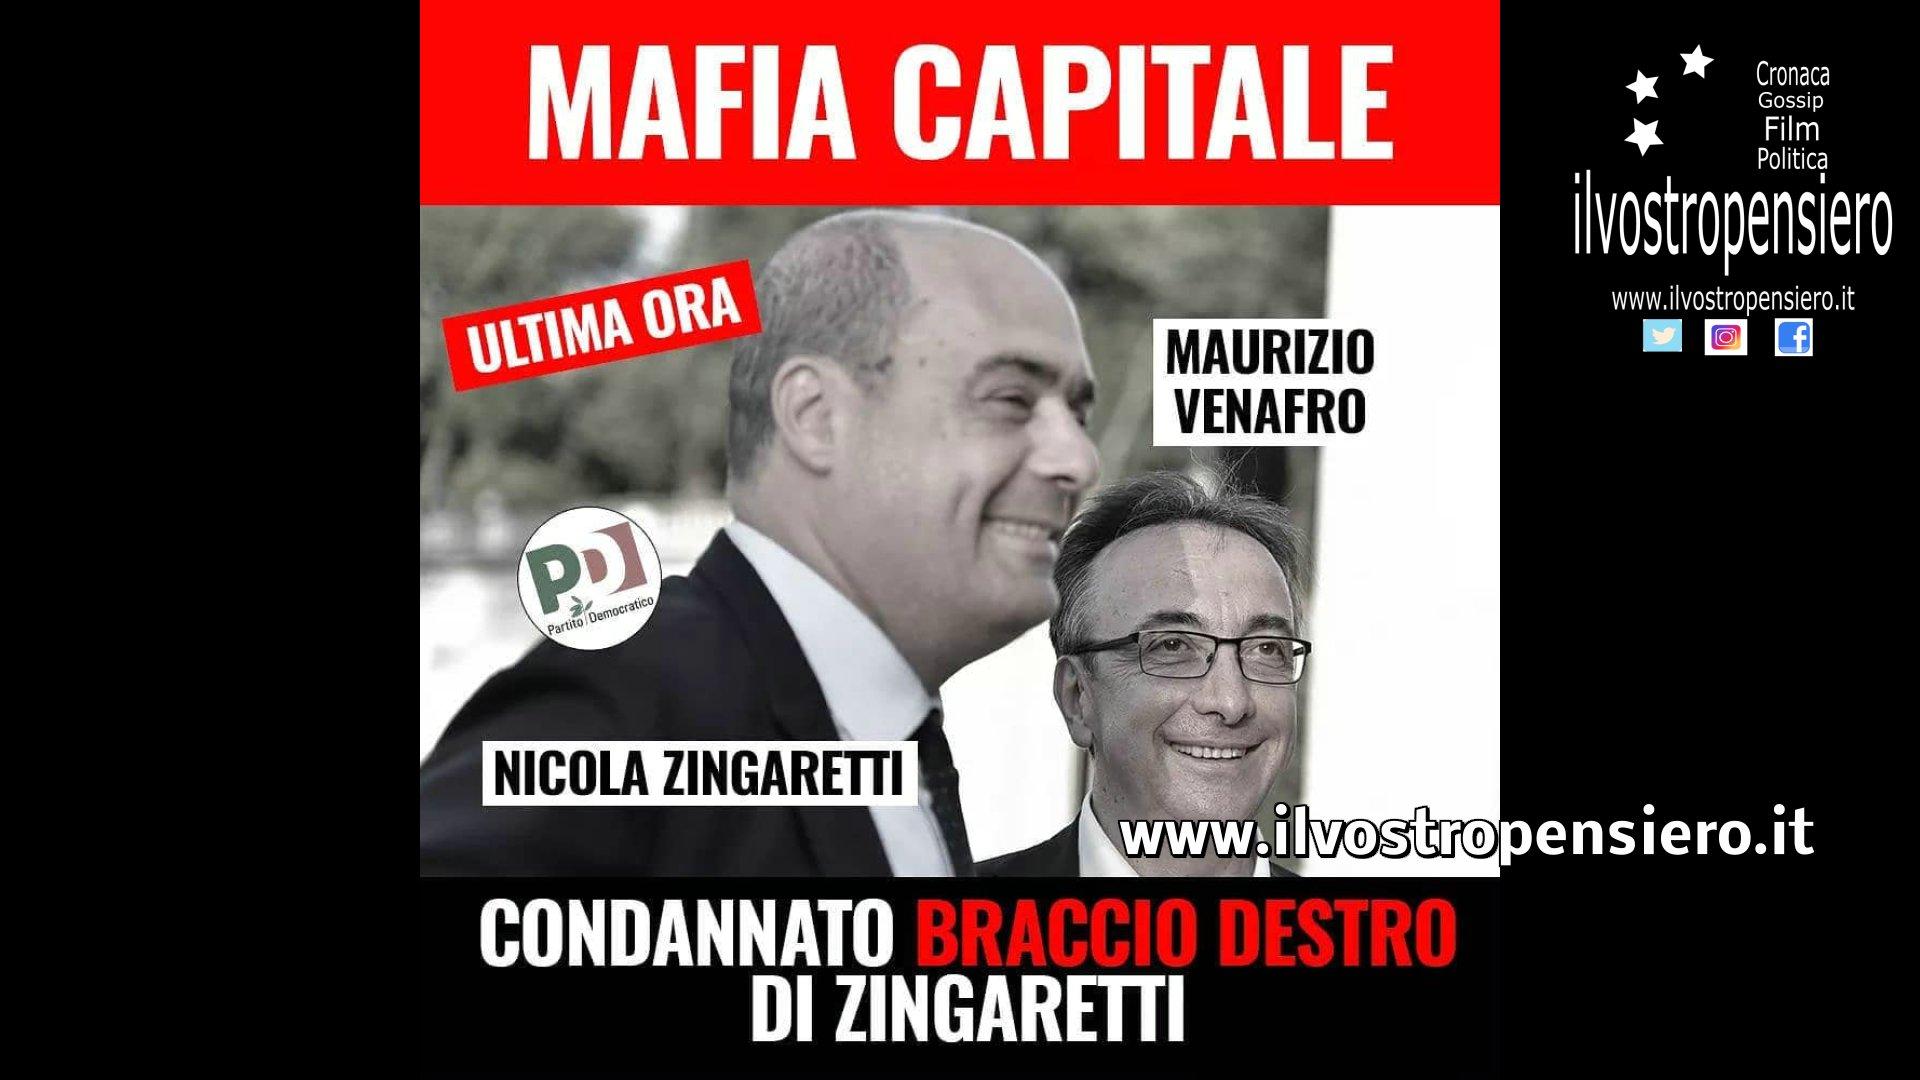 Movimento 5 stelle: ULTIMA ORA MAFIA CAPITALE,condannato il braccio destro di Zingaretti